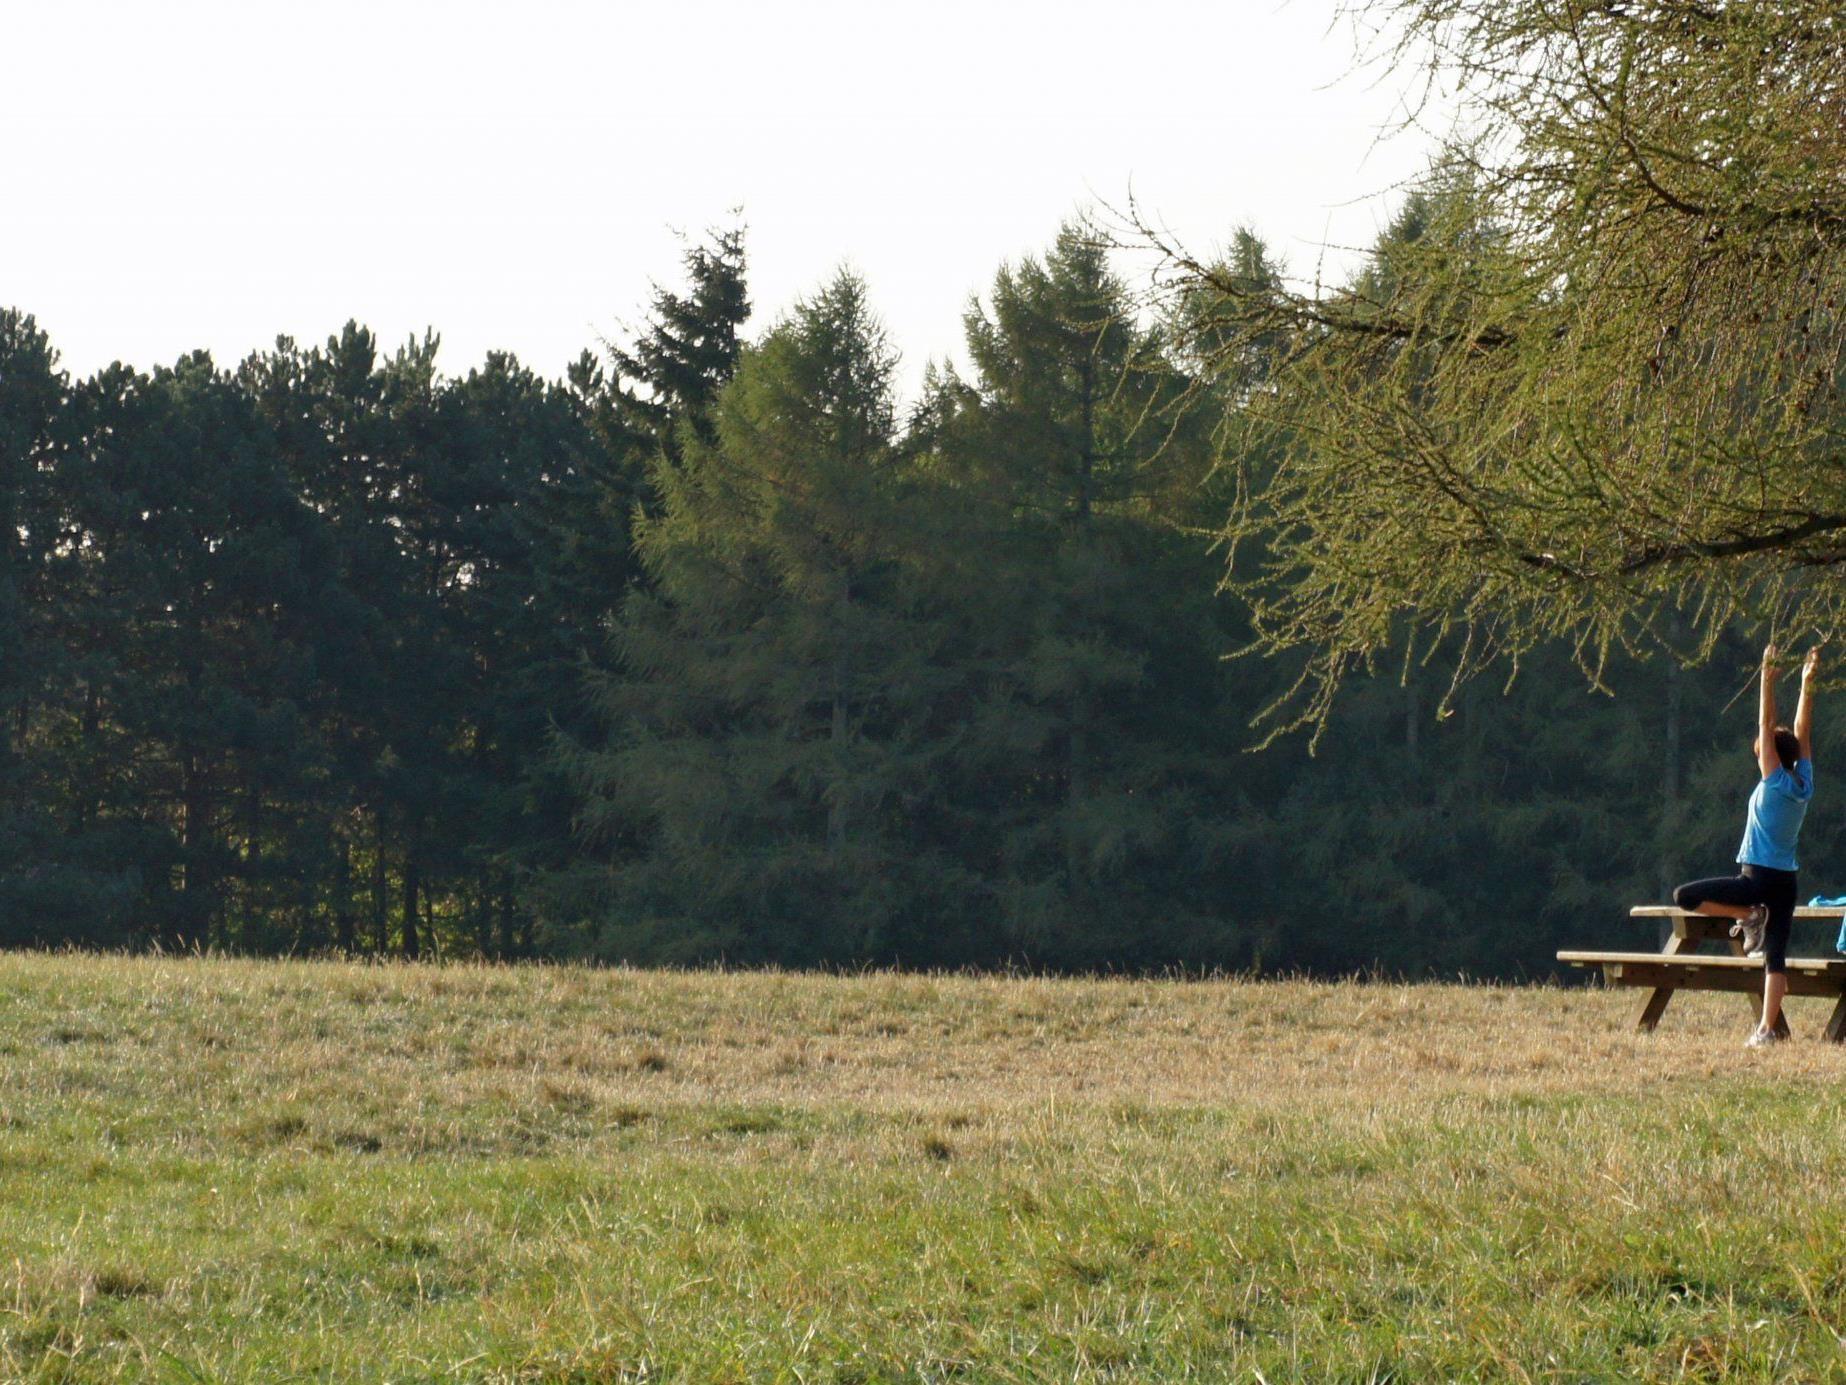 Ein Teil der beliebten Grünfläche am Wilhelminenberg soll verbaut werden. Die Anrainer laufen Sturm.